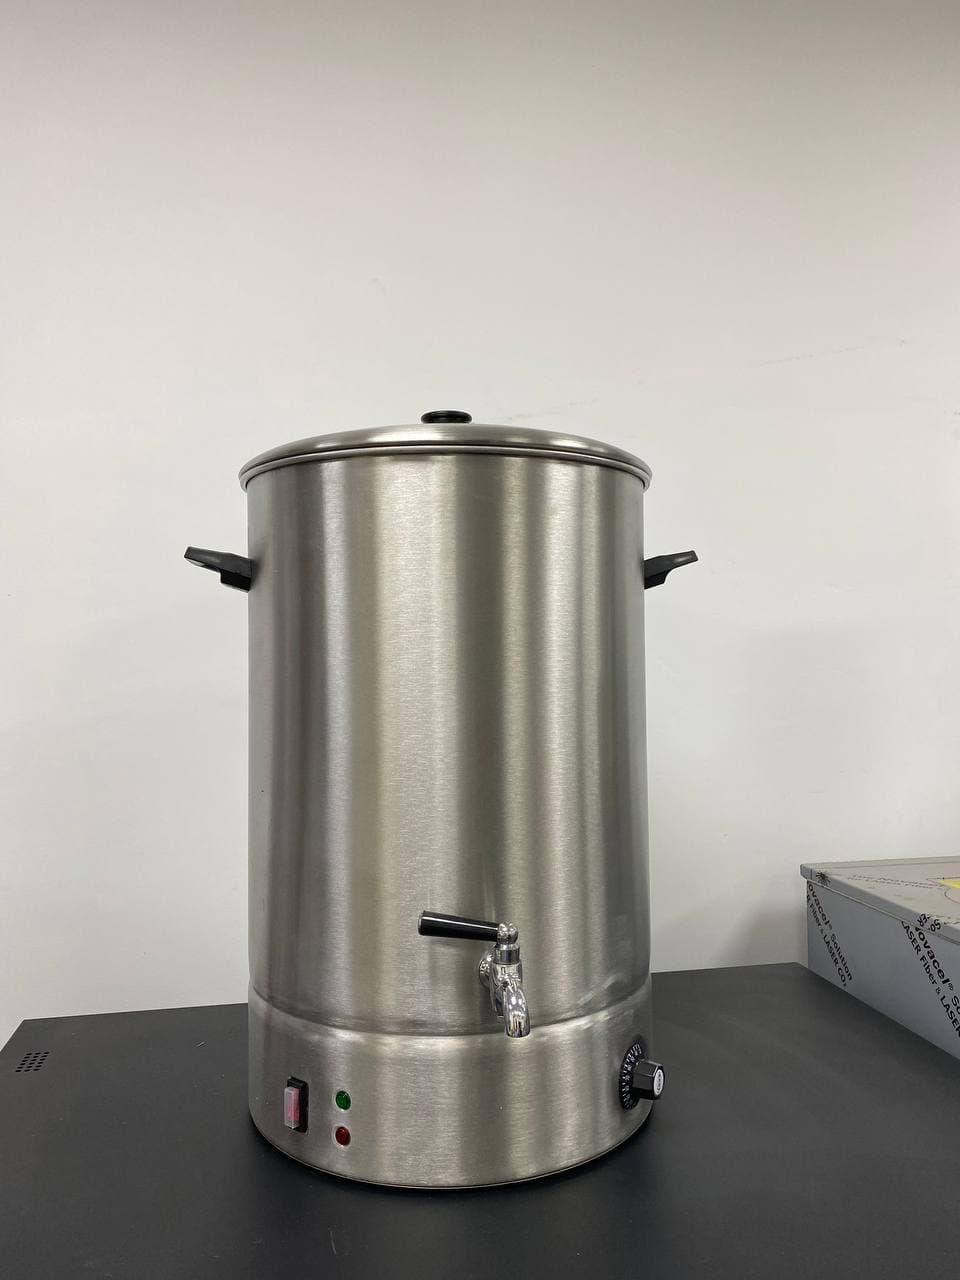 Электро-кипятильник (чаераздатчик) 20 литров, без водомера. Гонконг-стайл.